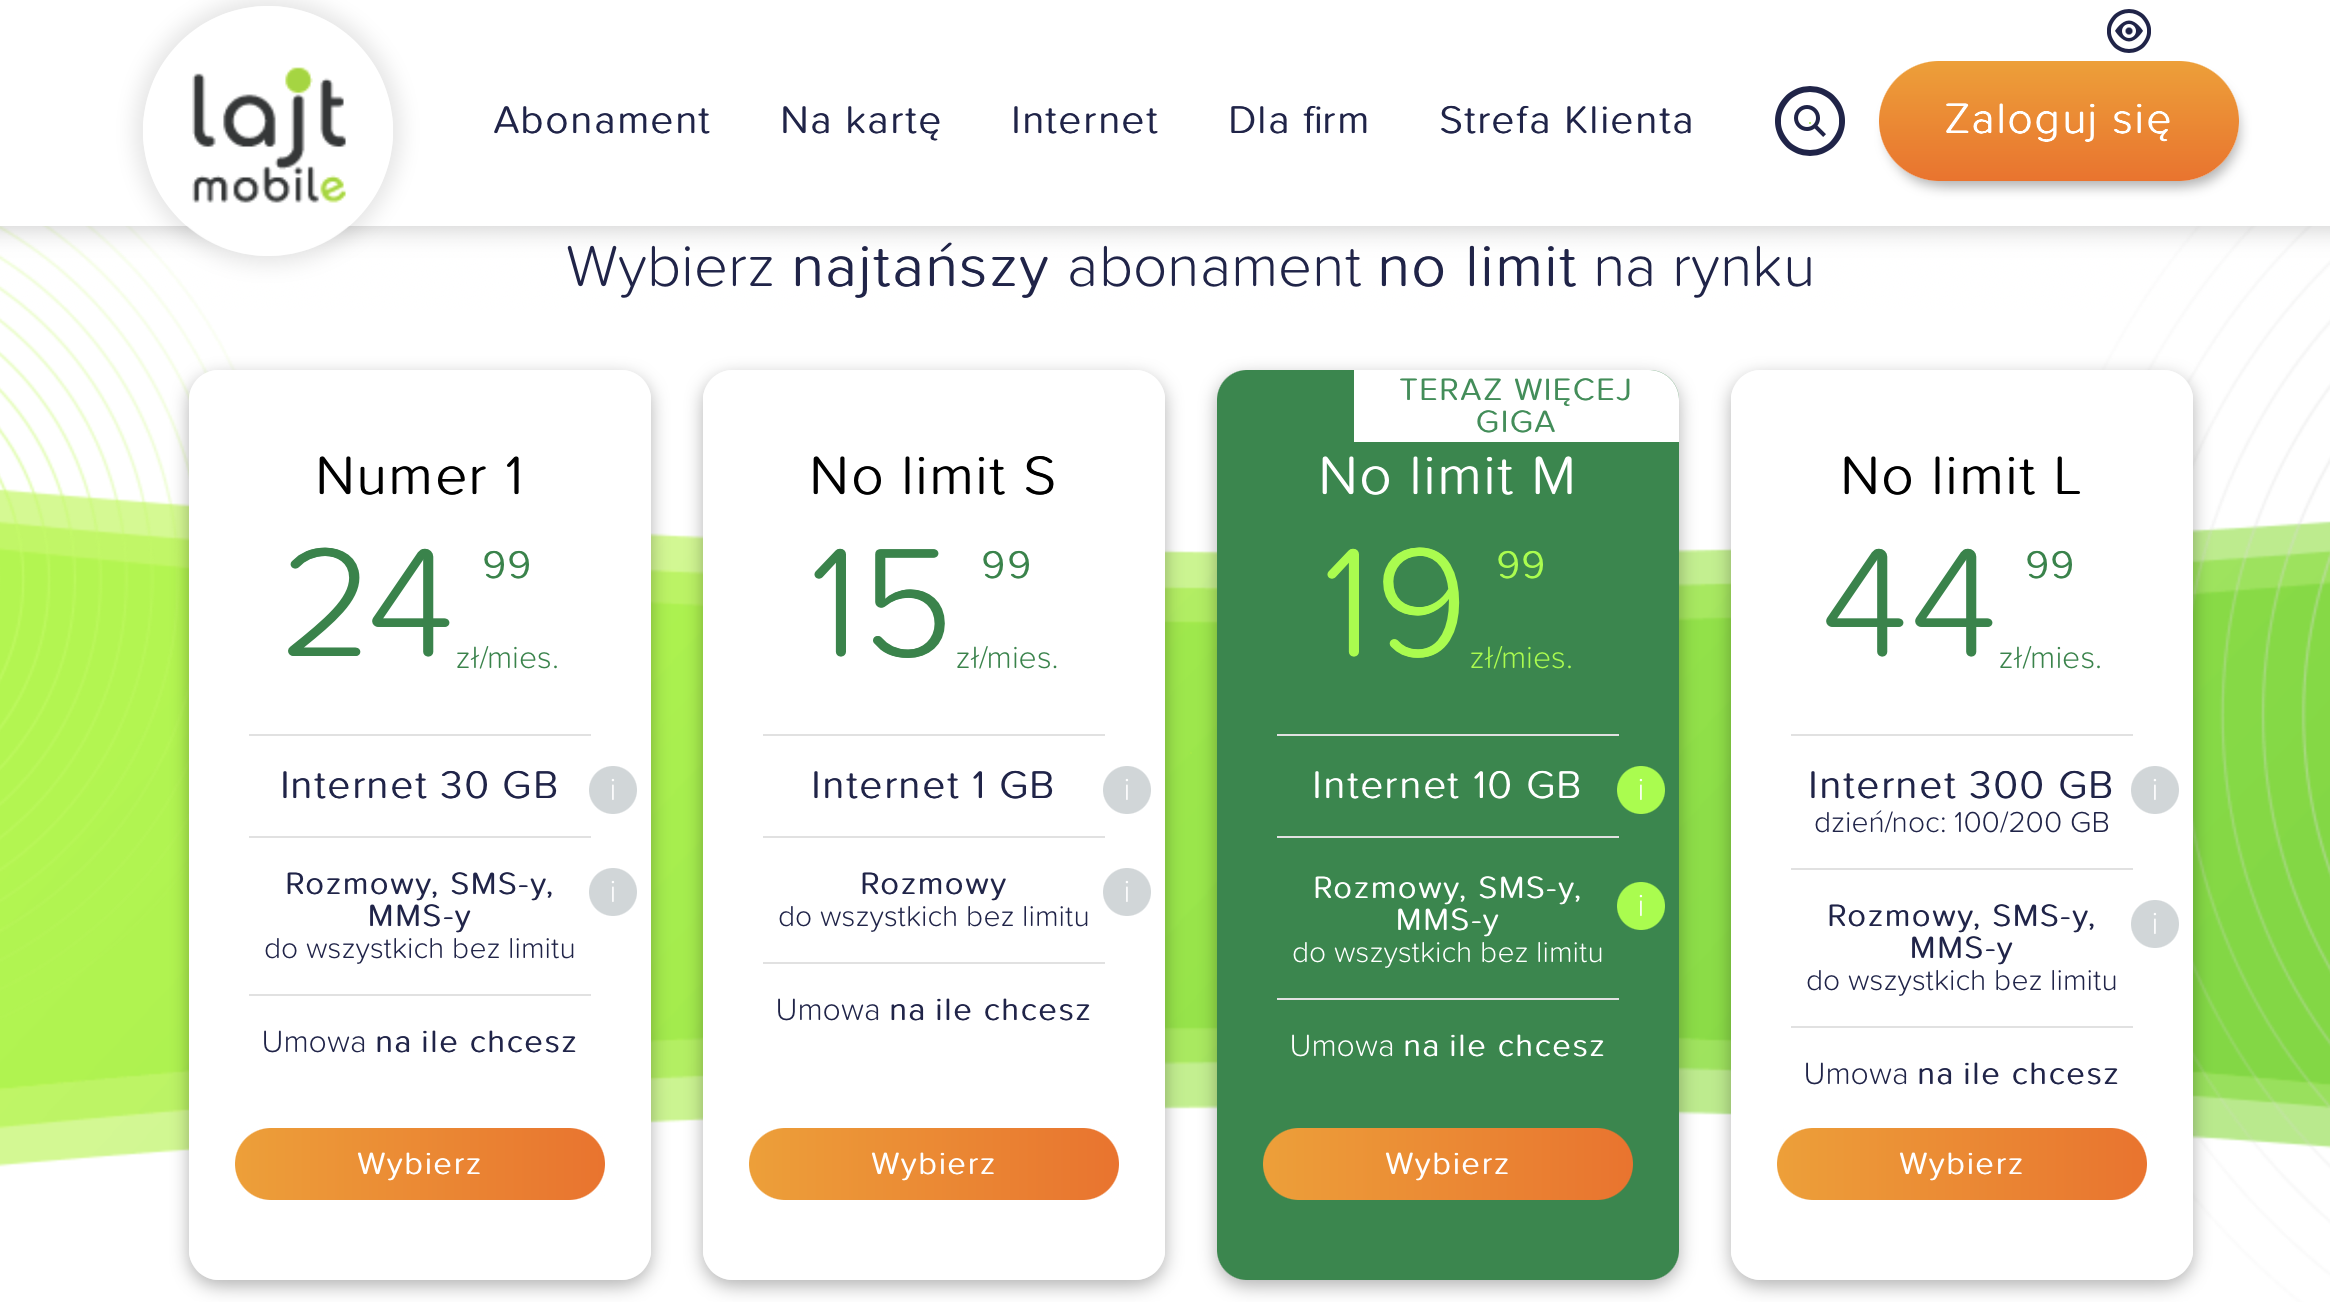 No Limit M od lajt mobile